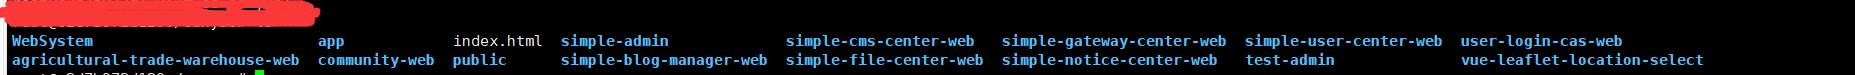 rootwebapp4.png